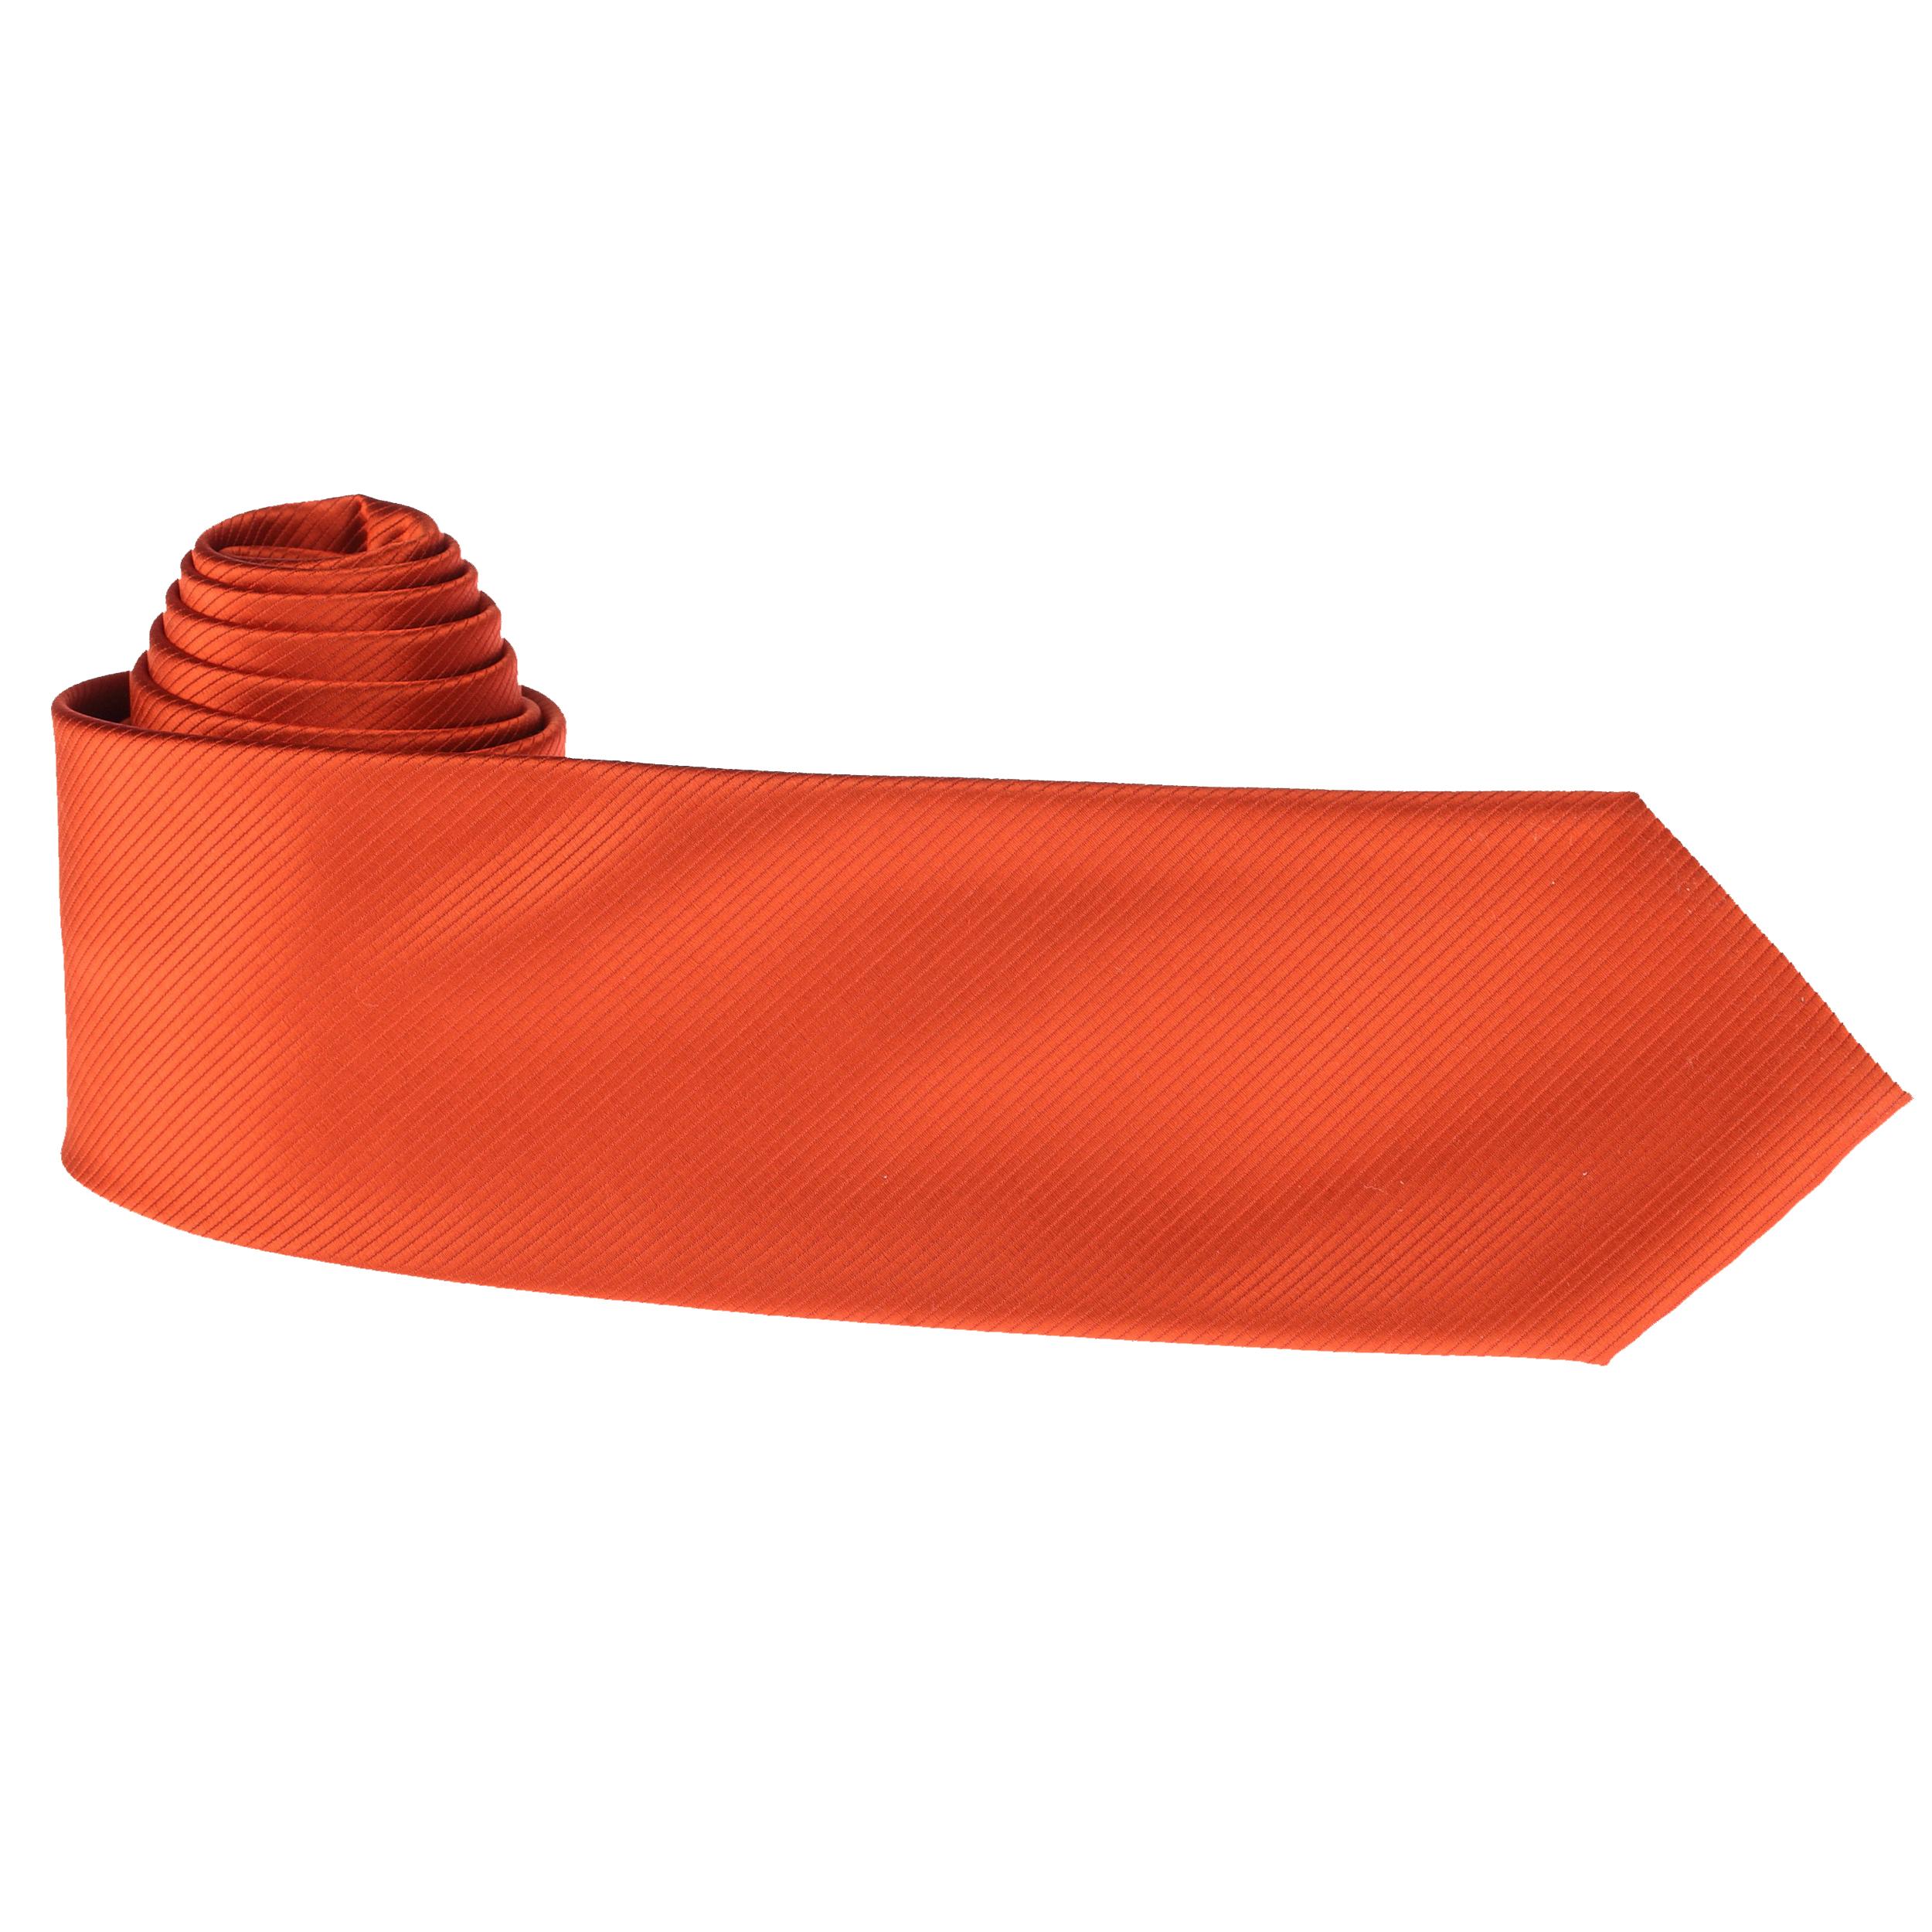 Cravate unie brique